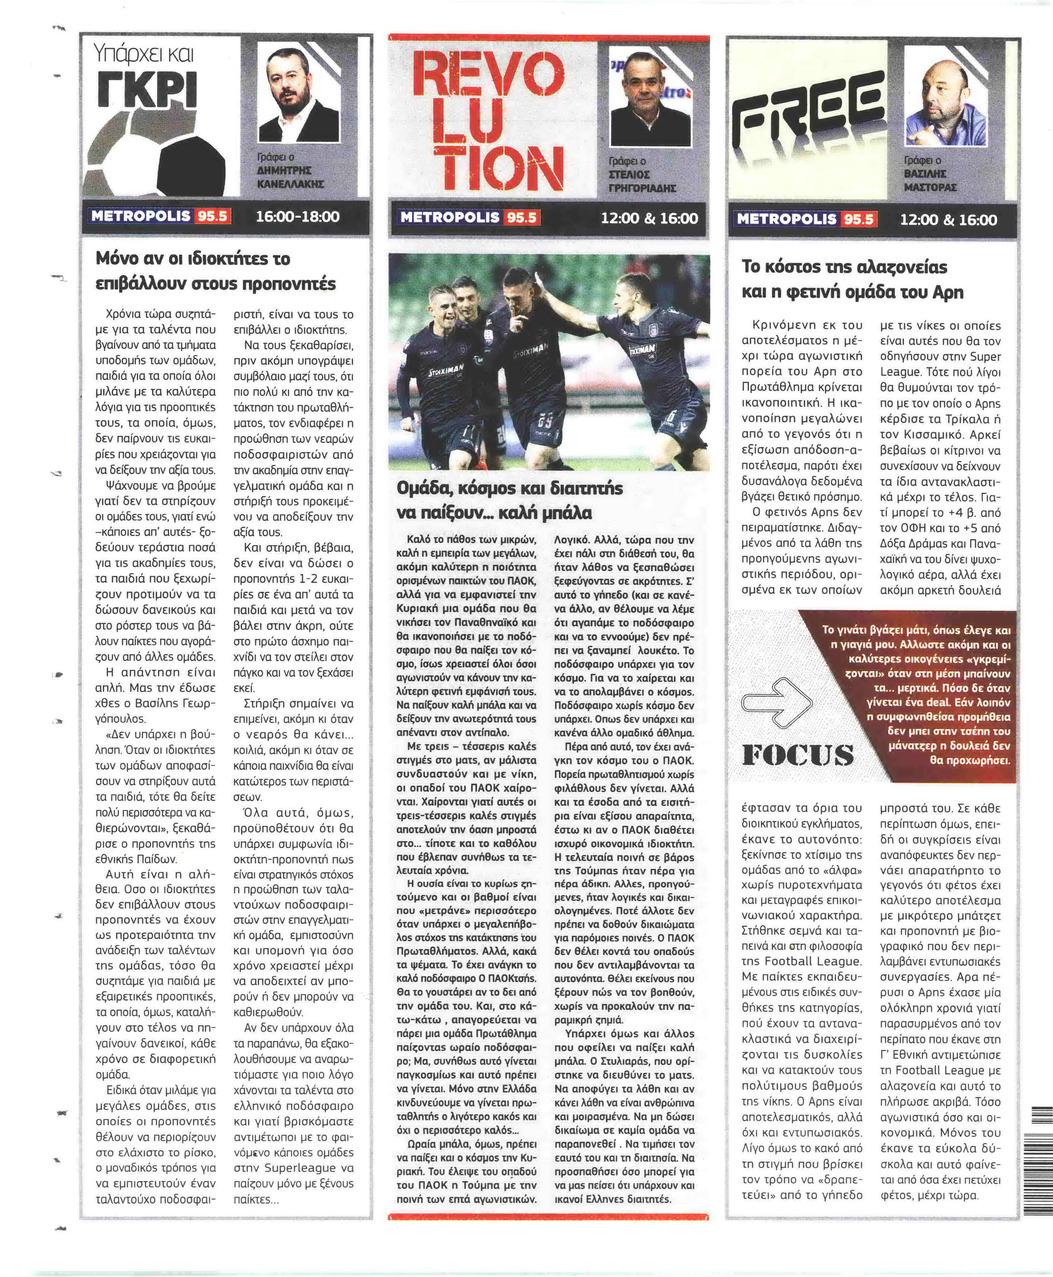 Οπισθόφυλλο εφημερίδας ��etrosport